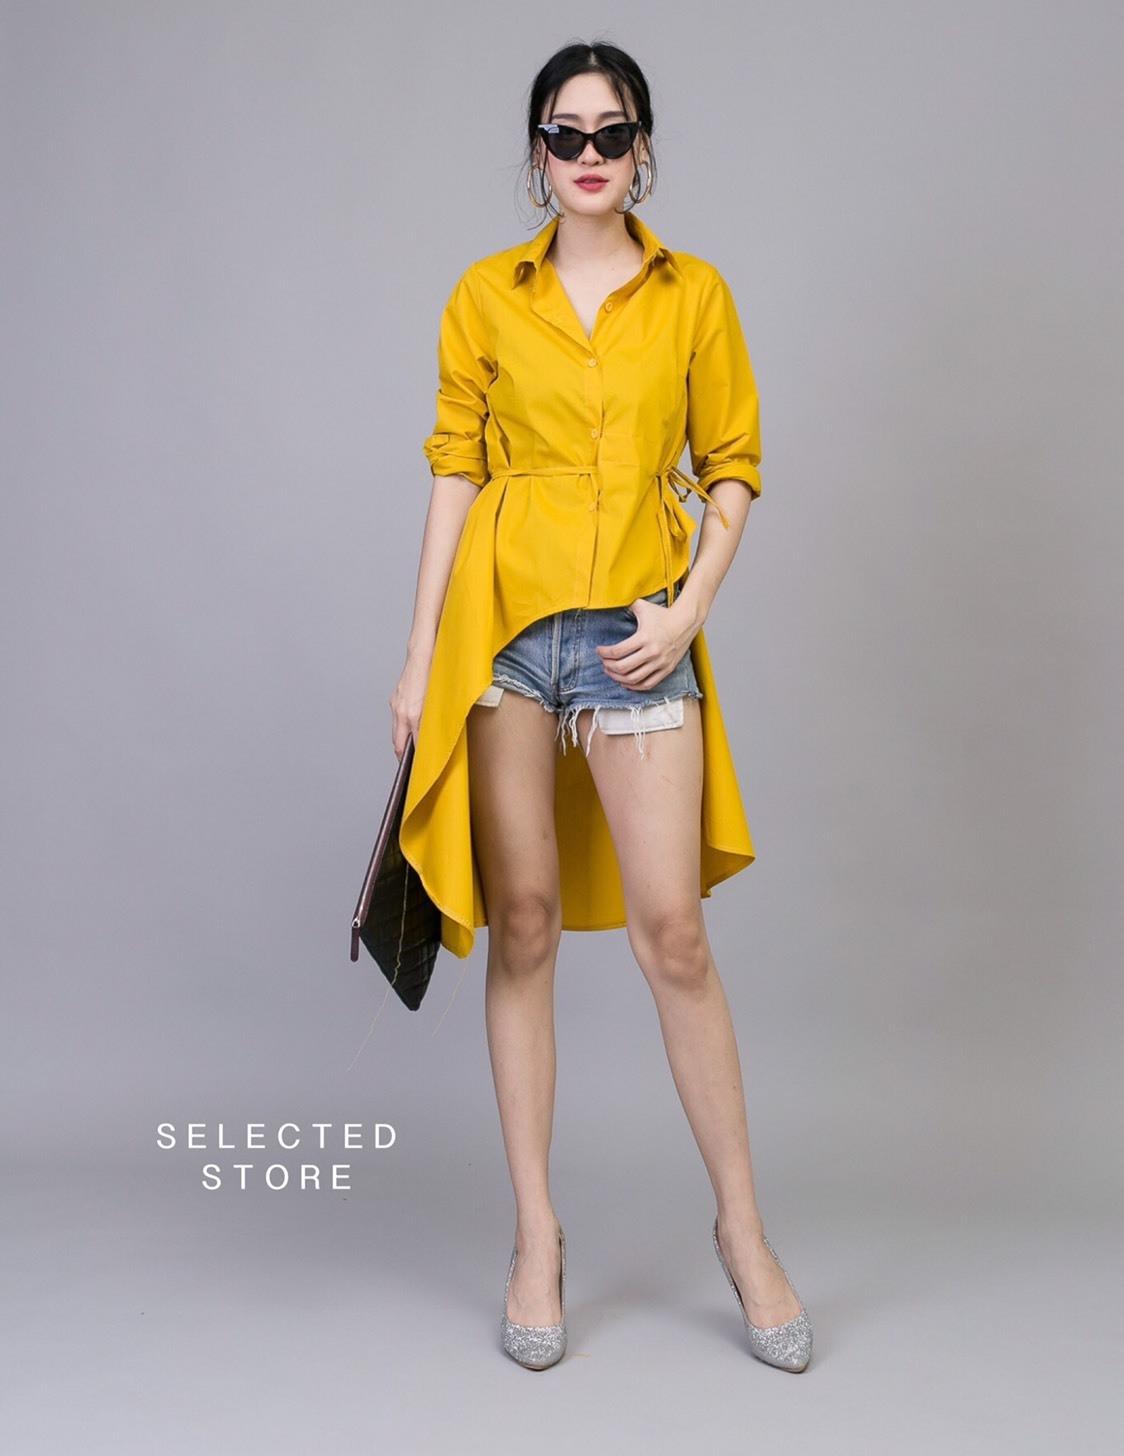 เสื้อผ้าเกาหลีพร้อมส่ง เสื้อเชิ้ตหน้าสั้นหลังยาว มีเชือกผูกเอวด้านข้าง